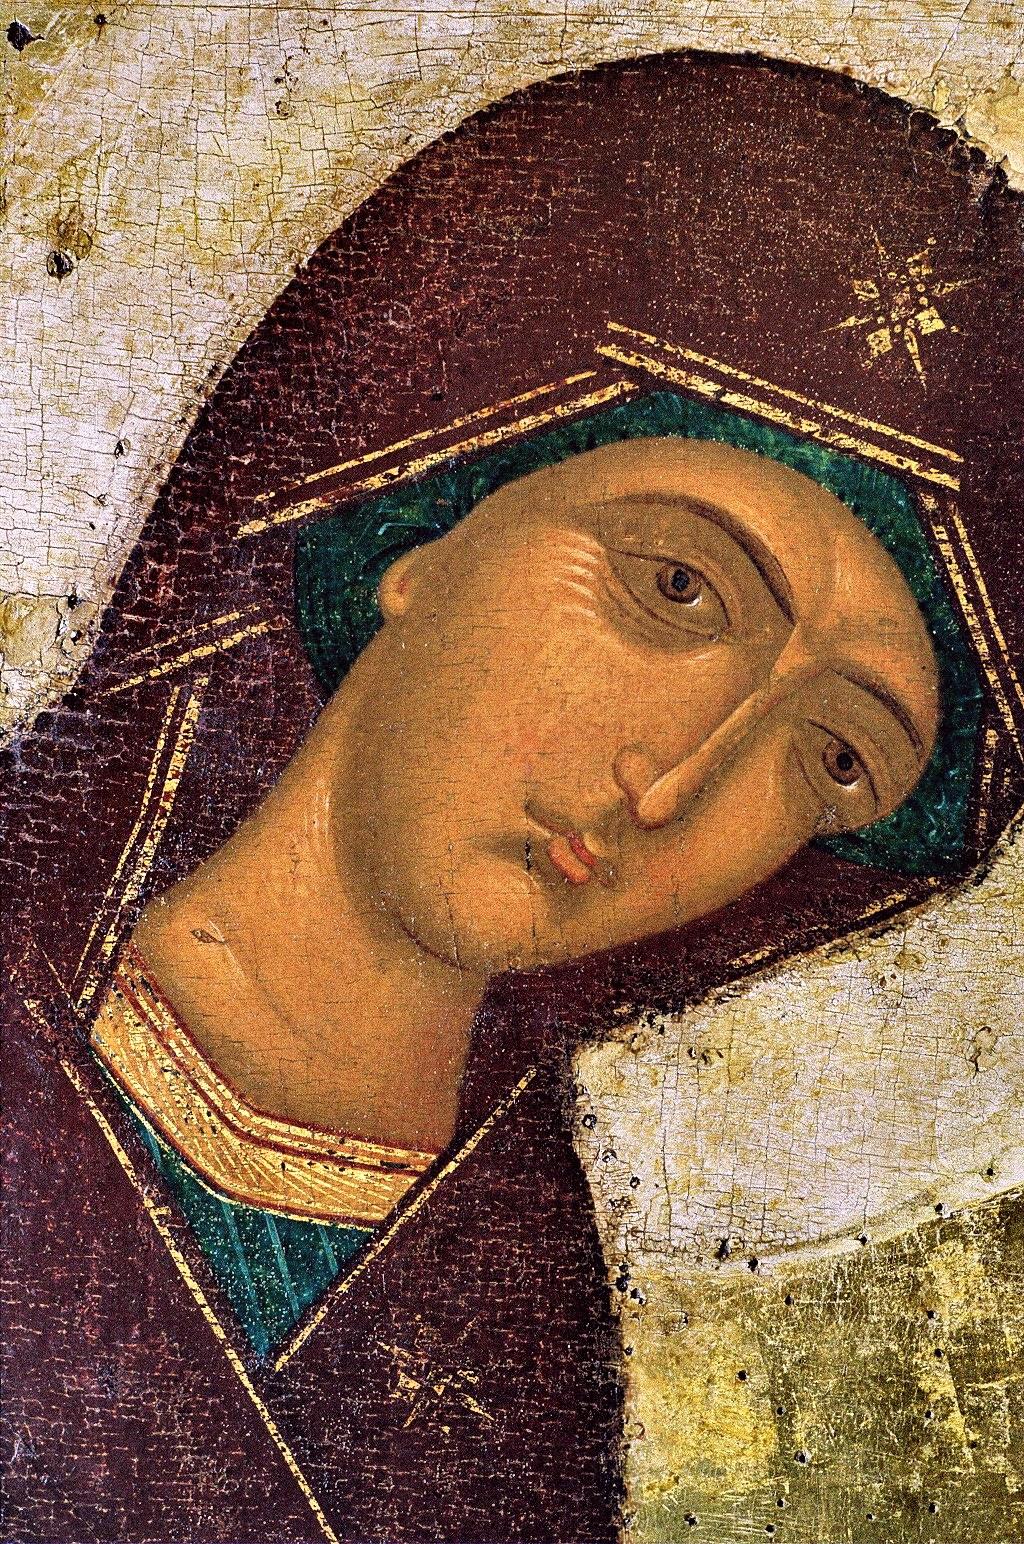 Пресвятая Богородица. Русская икона. Фрагмент.